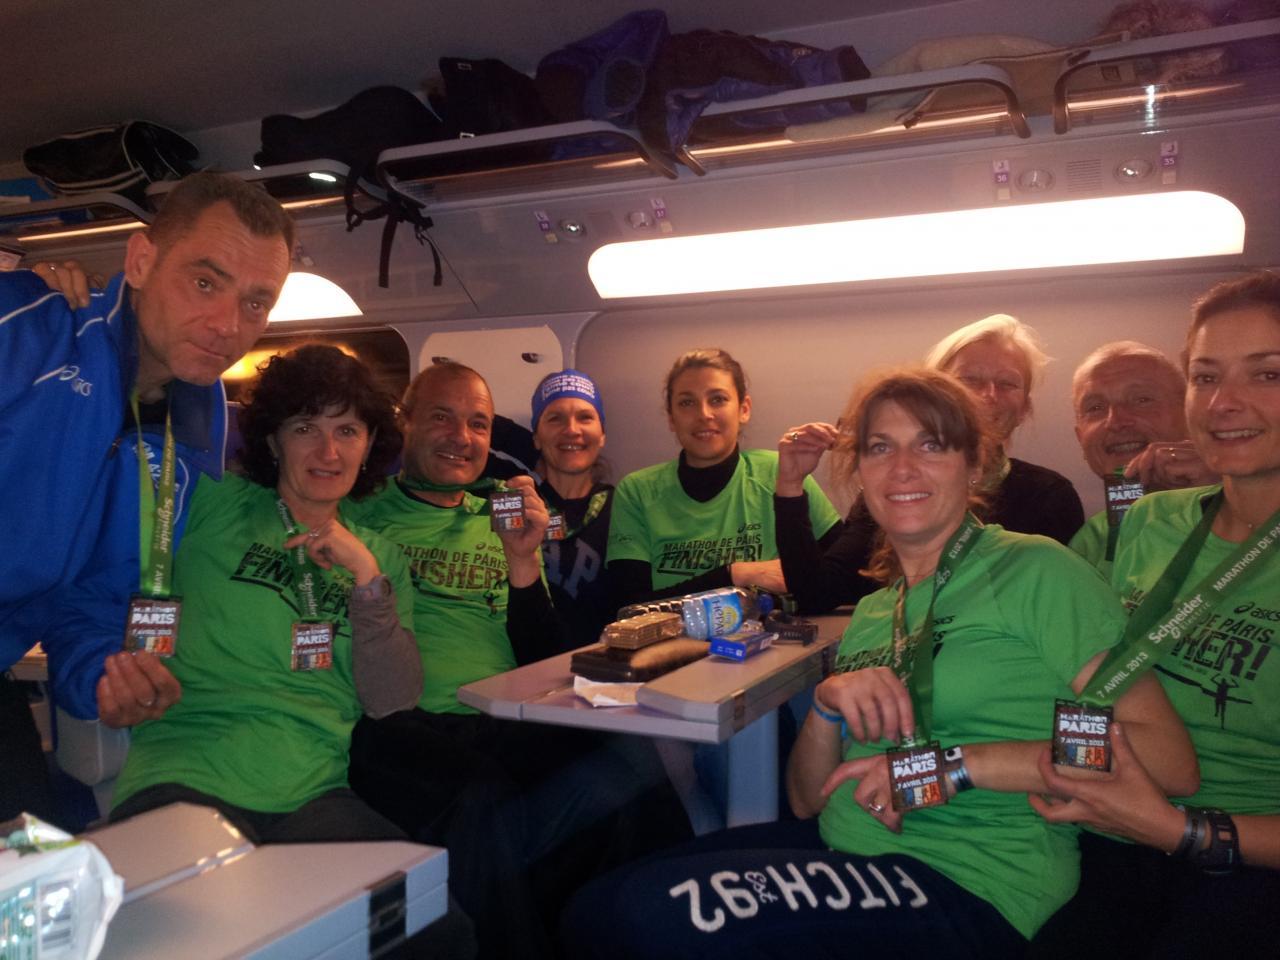 Les Marathoniens de Paris 2013 dans le train du retour